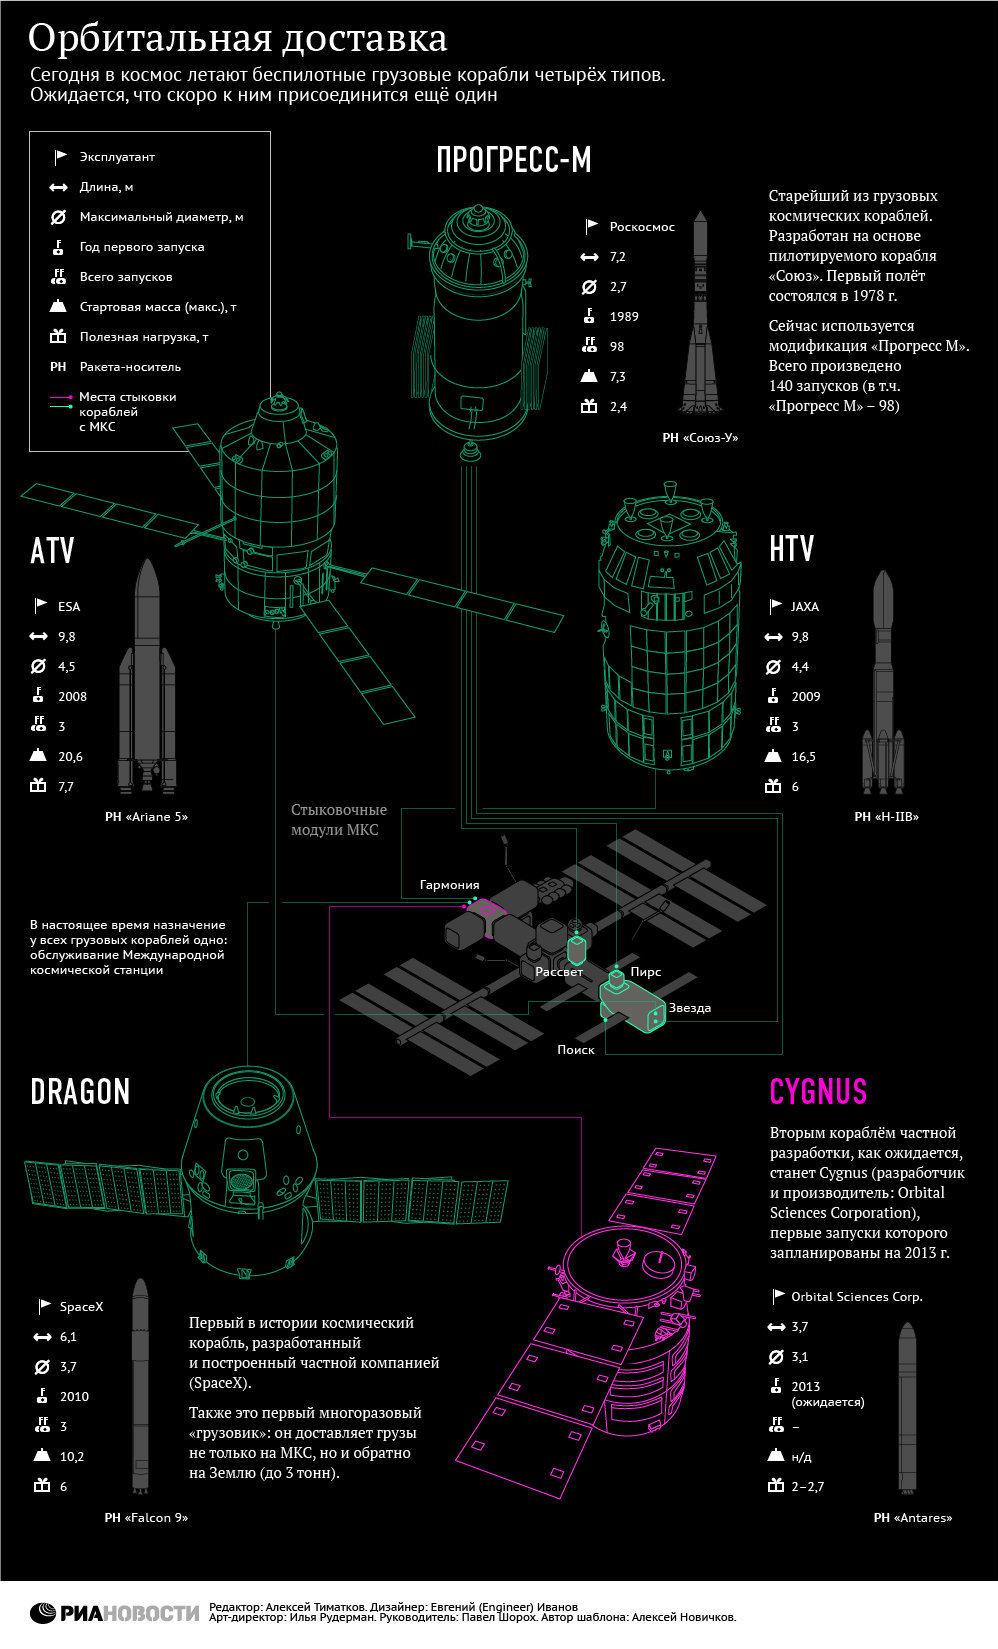 Грузовые космические корабли